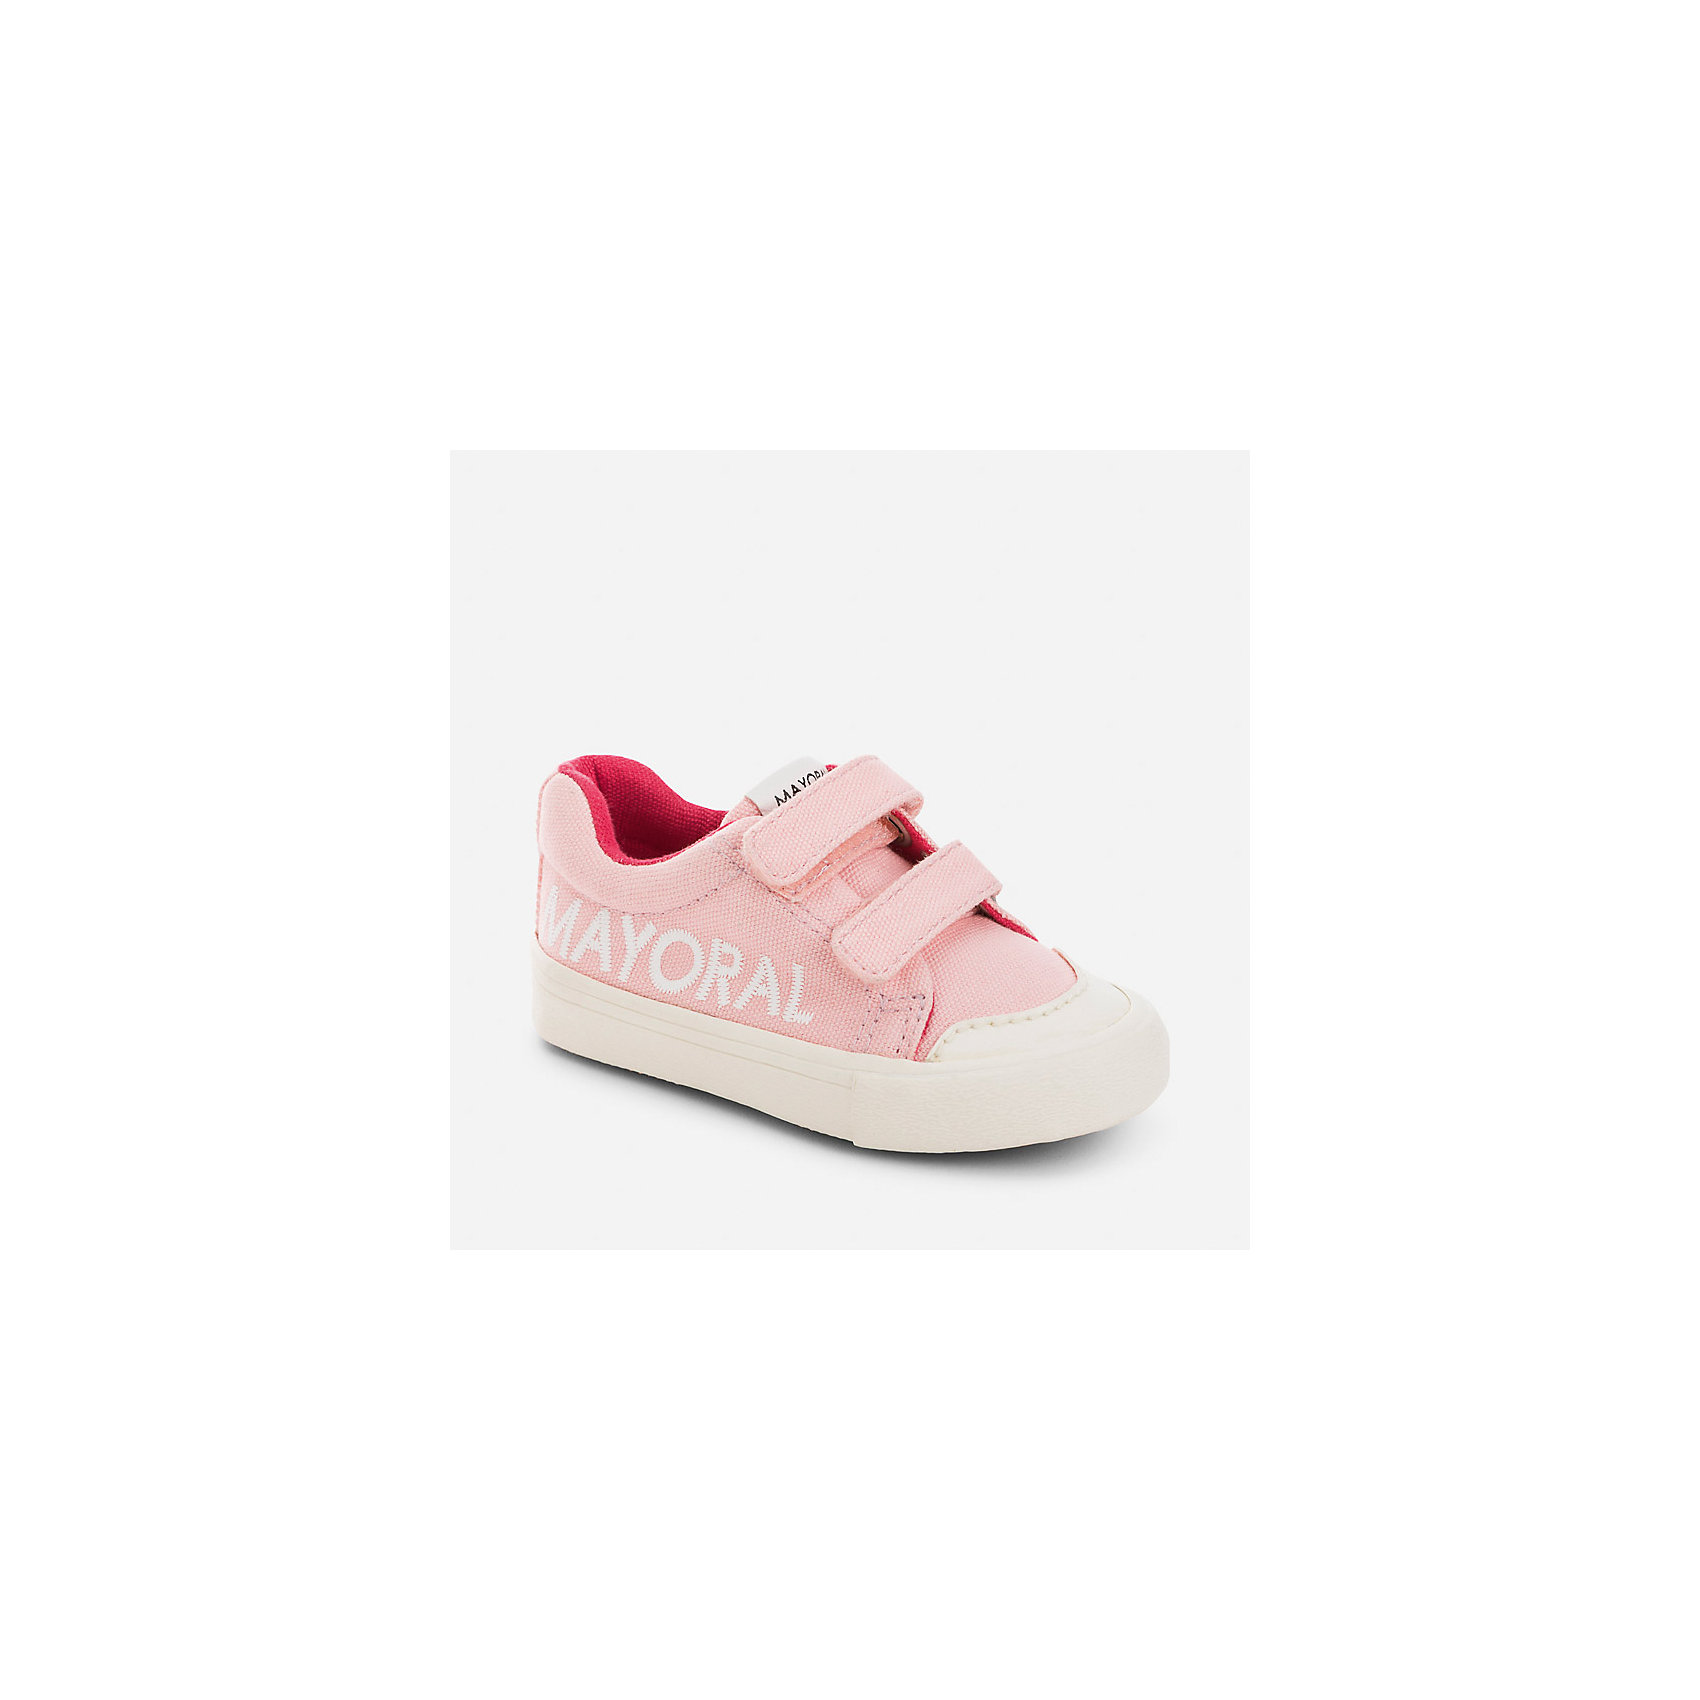 Кеды для девочки MayoralХарактеристики товара:<br><br>• цвет: розовый<br>• состав: верх, подкладка и стелька - хлопок, подошва - резина<br>• застежка: липучки<br>• украшены вышивкой<br>• устойчивая подошва<br>• яркая подкладка<br>• страна бренда: Испания<br><br>Стильные кеды для девочки помогут обеспечить ребенку комфорт и дополнить наряд. Кеды удобно сидят на ноге и красиво смотрятся. Они станут оригинальным акцентом в наряде!<br><br>Кеды для девочки от испанского бренда Mayoral (Майорал) можно купить в нашем интернет-магазине.<br><br>Ширина мм: 250<br>Глубина мм: 150<br>Высота мм: 150<br>Вес г: 250<br>Цвет: розовый<br>Возраст от месяцев: 24<br>Возраст до месяцев: 24<br>Пол: Женский<br>Возраст: Детский<br>Размер: 25,22,23,24<br>SKU: 5293698